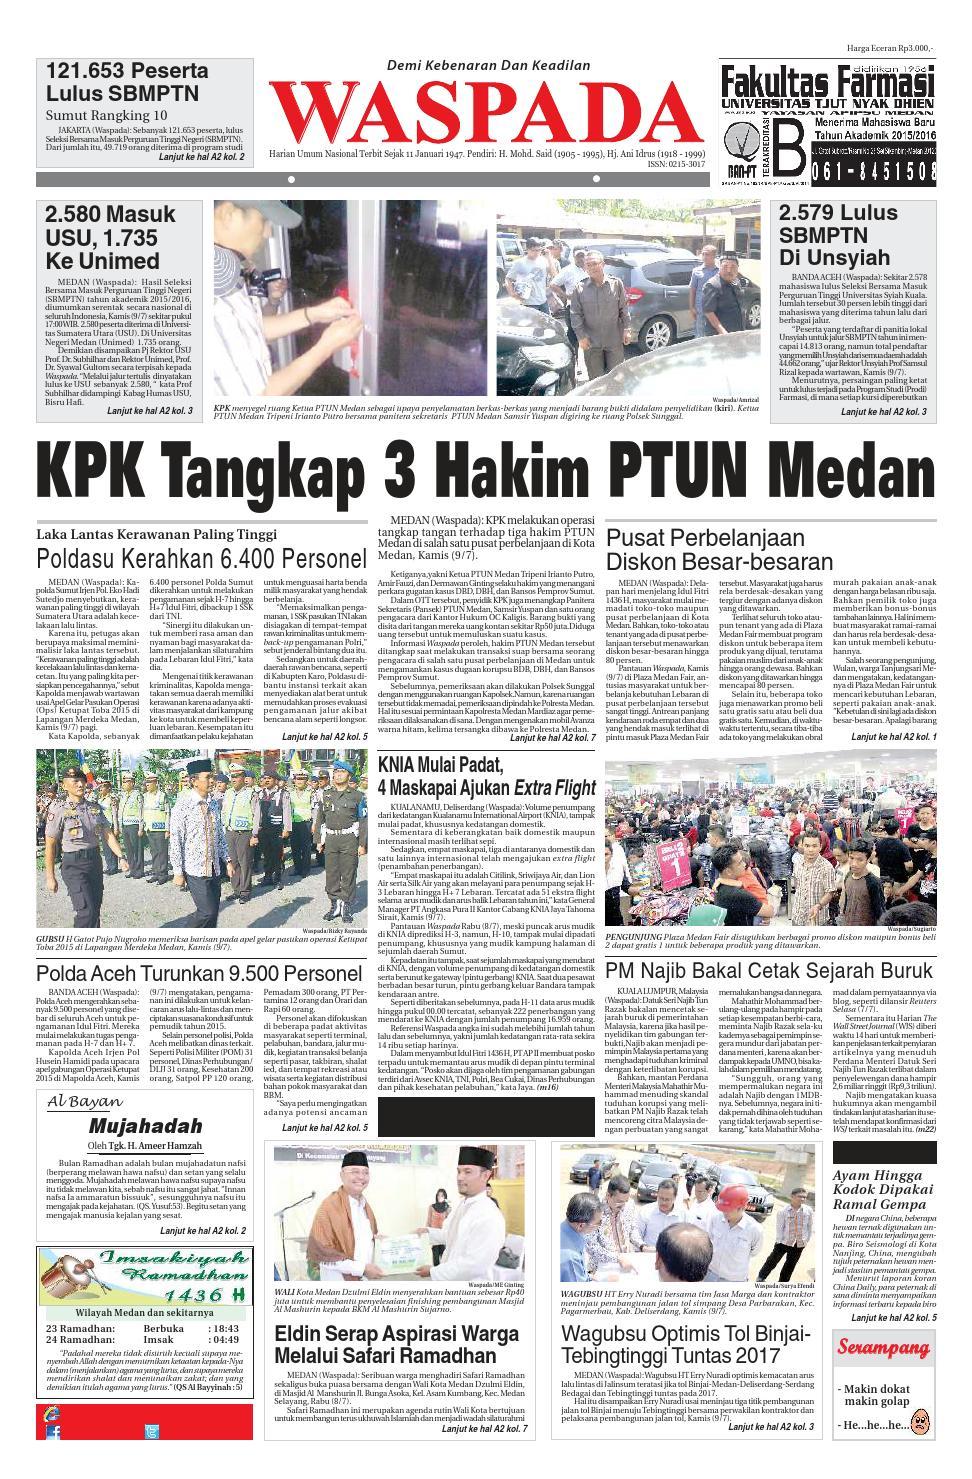 Waspada, jumat 10 juli 2015 by Harian Waspada - issuu